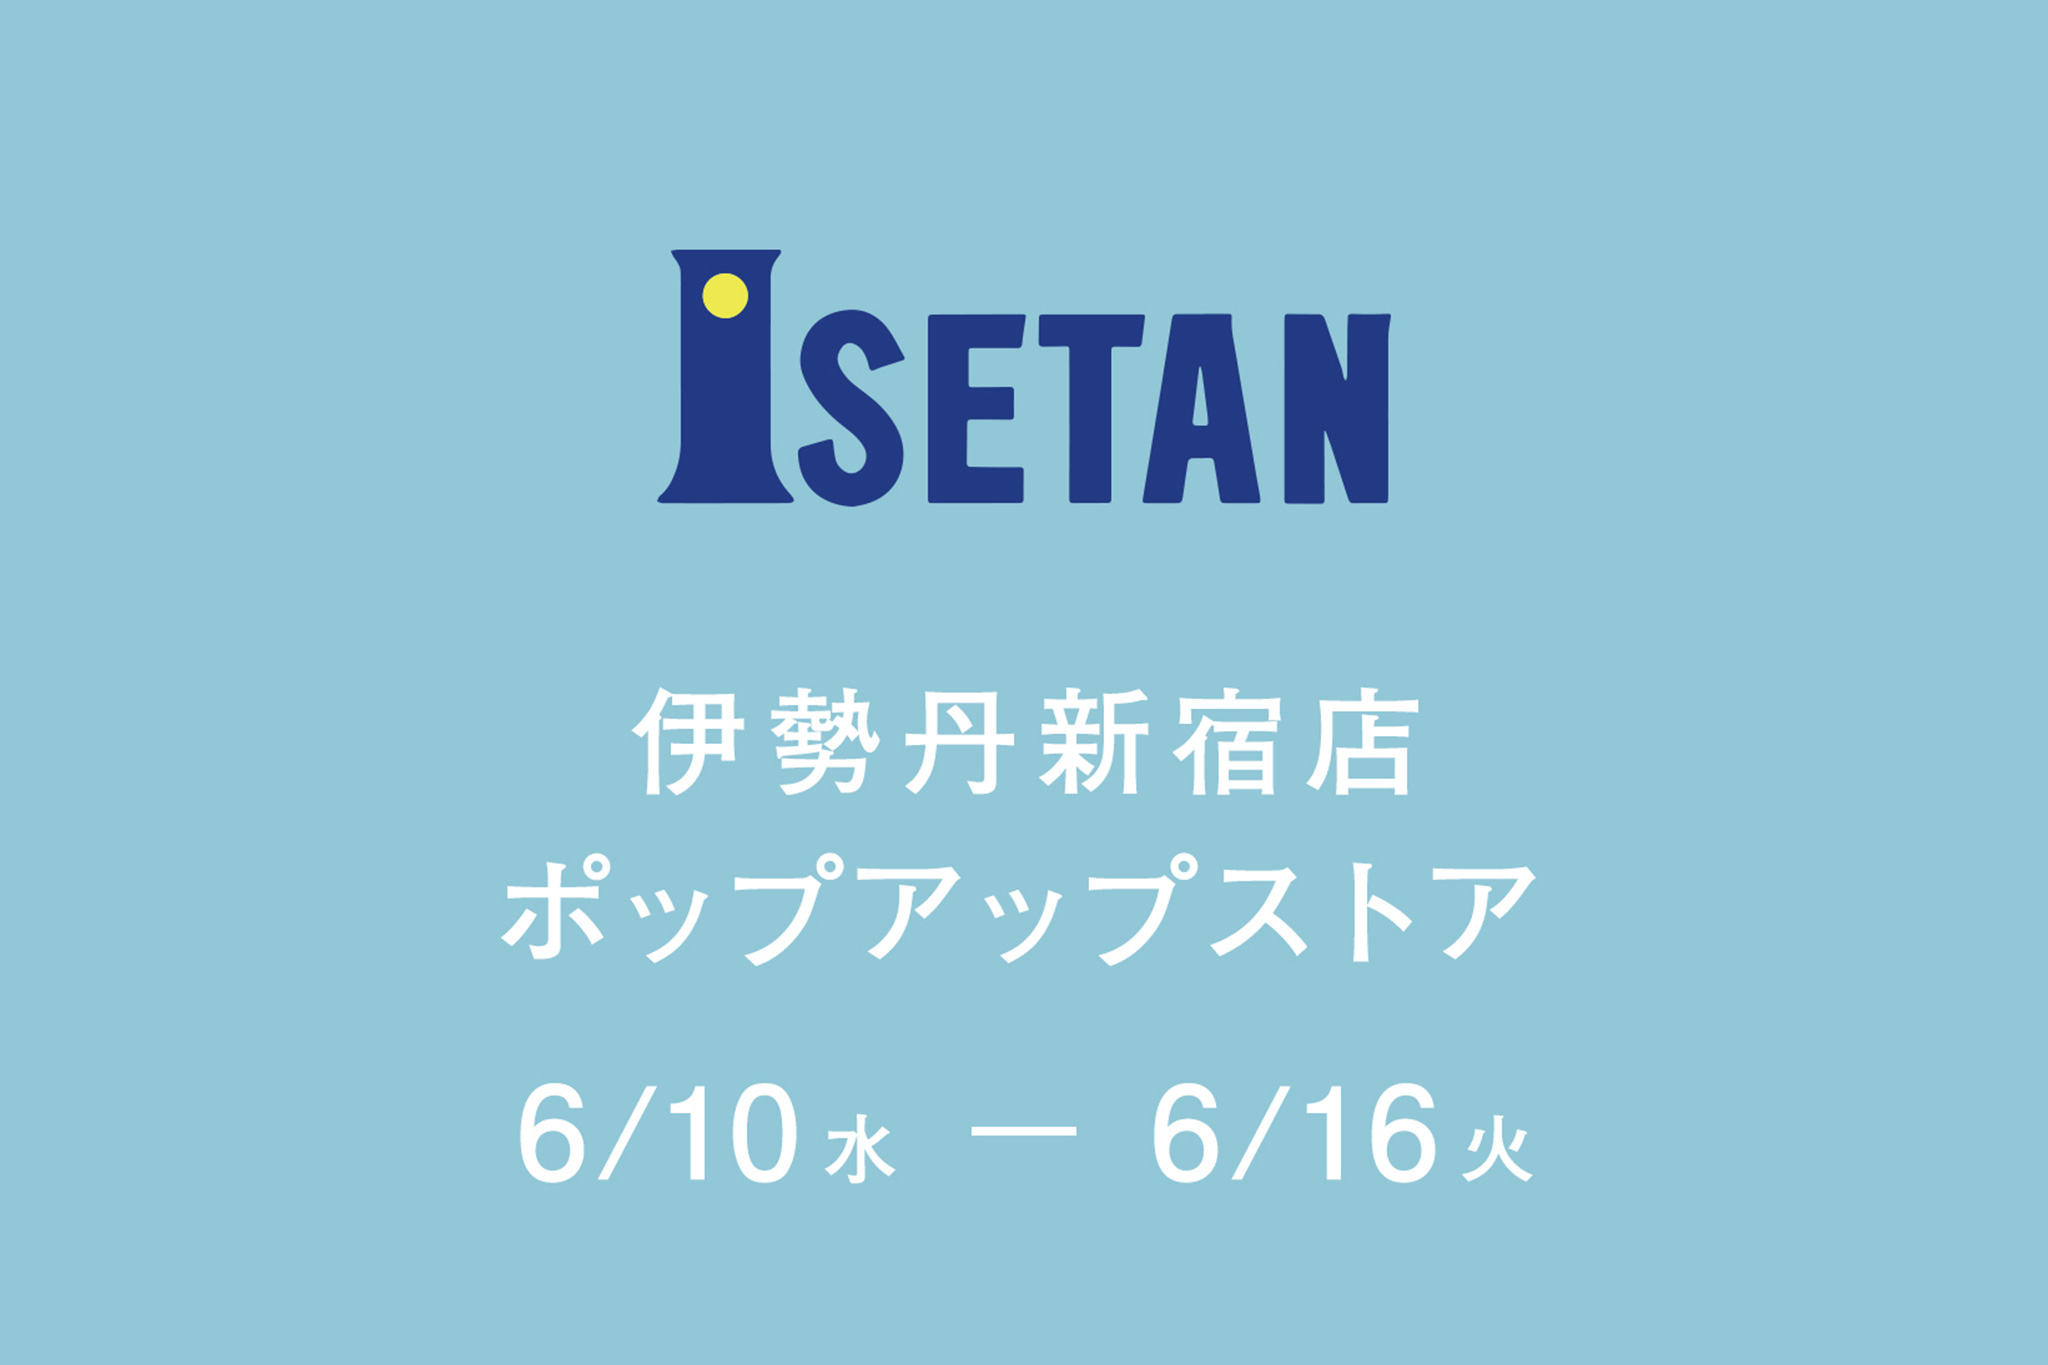 【6月10日(水)〜16日(火)】伊勢丹新宿店ポップアップストア出店のお知らせ【終了いたしました】